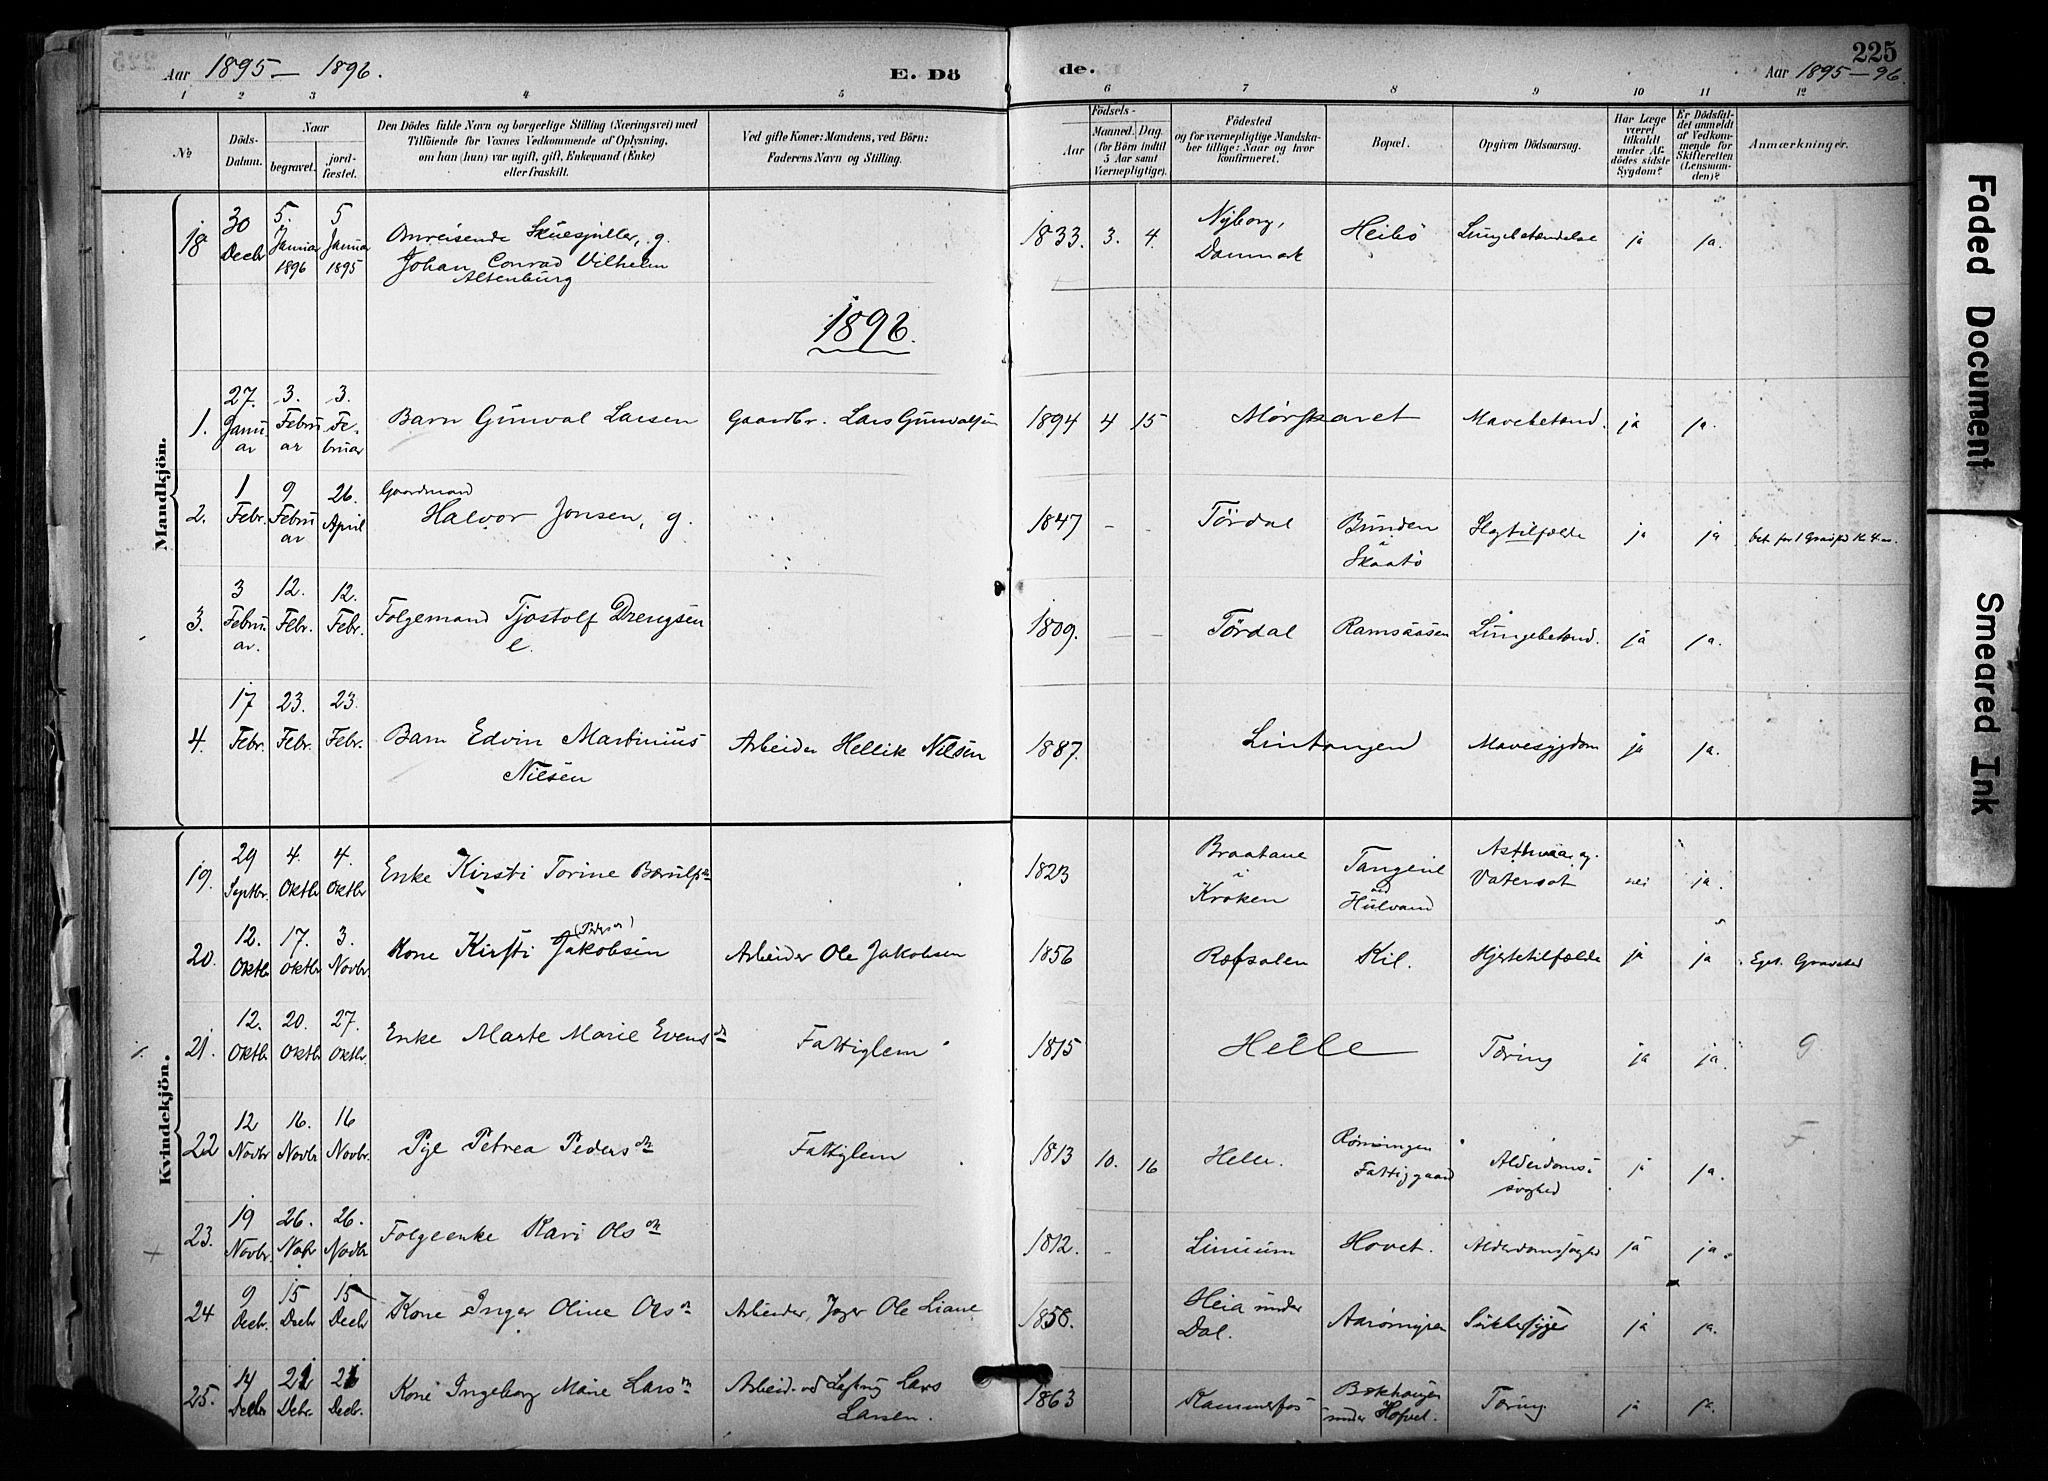 SAKO, Sannidal kirkebøker, F/Fa/L0015: Ministerialbok nr. 15, 1884-1899, s. 225